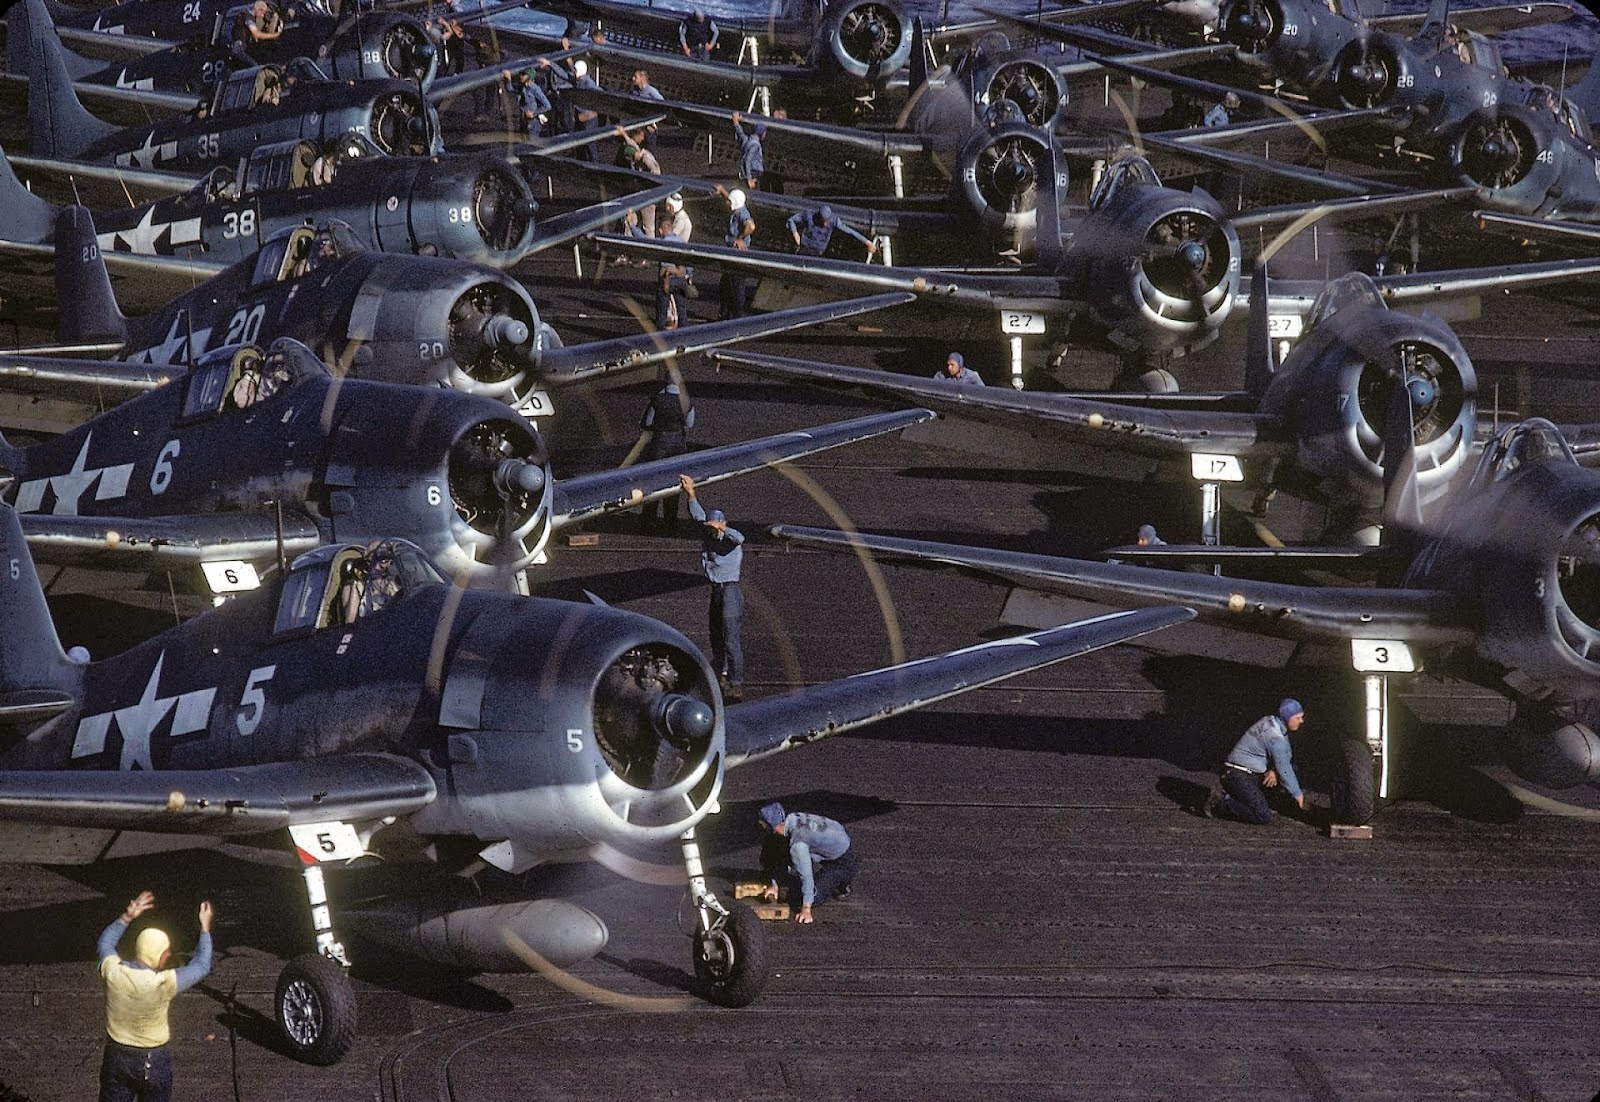 http://3.bp.blogspot.com/-bEMK0jZZ_EY/VLacVmgT6oI/AAAAAAABOMo/RnaiVpR_-A4/s1600/Rare+Color+Photographs+from+World+War+II+(8).jpg